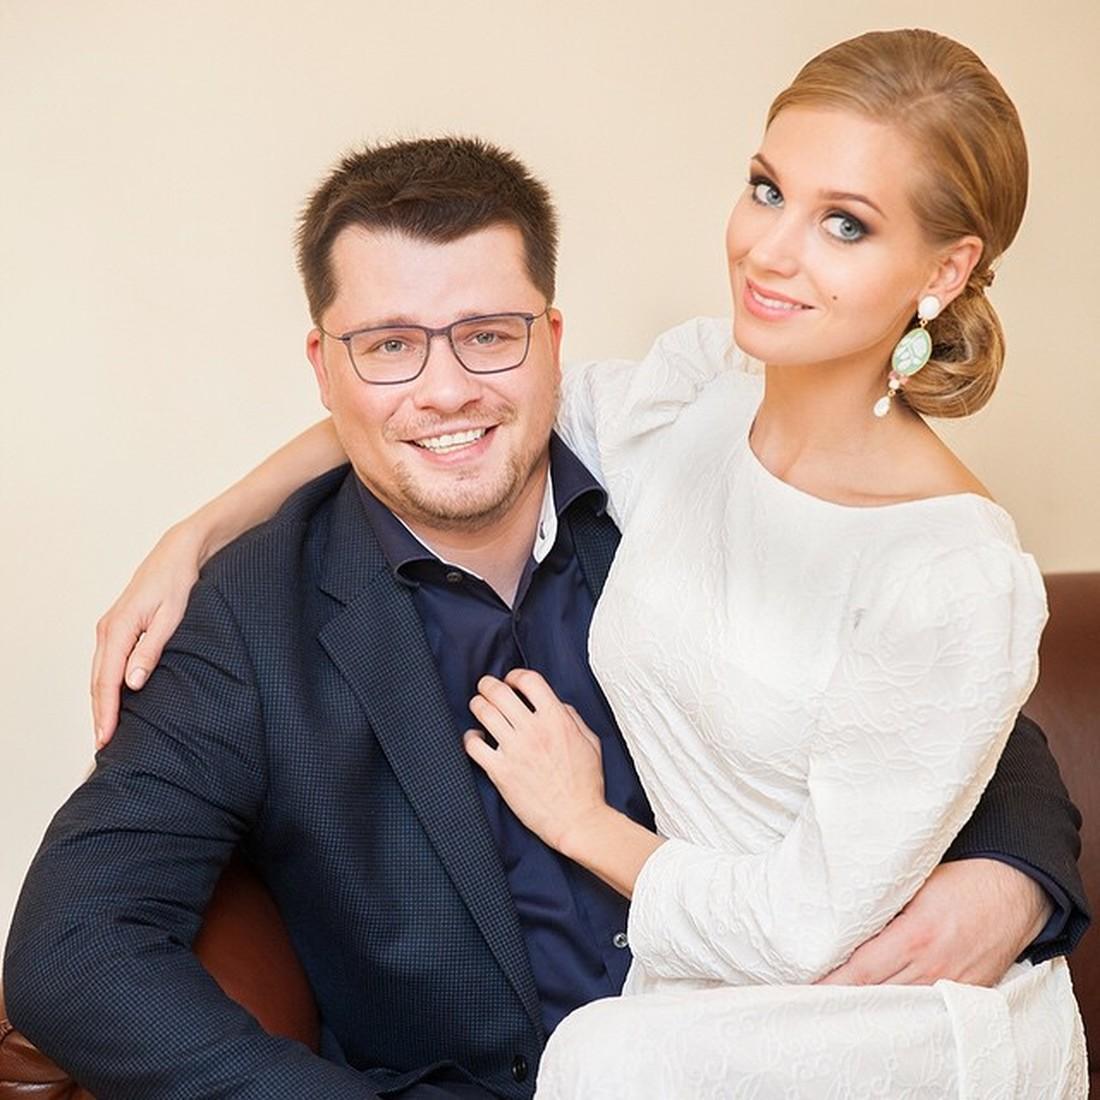 Расписались и пошли есть картошку с курицей: Кристина Асмус вспомнила свадьбу с Гариком Харламовым